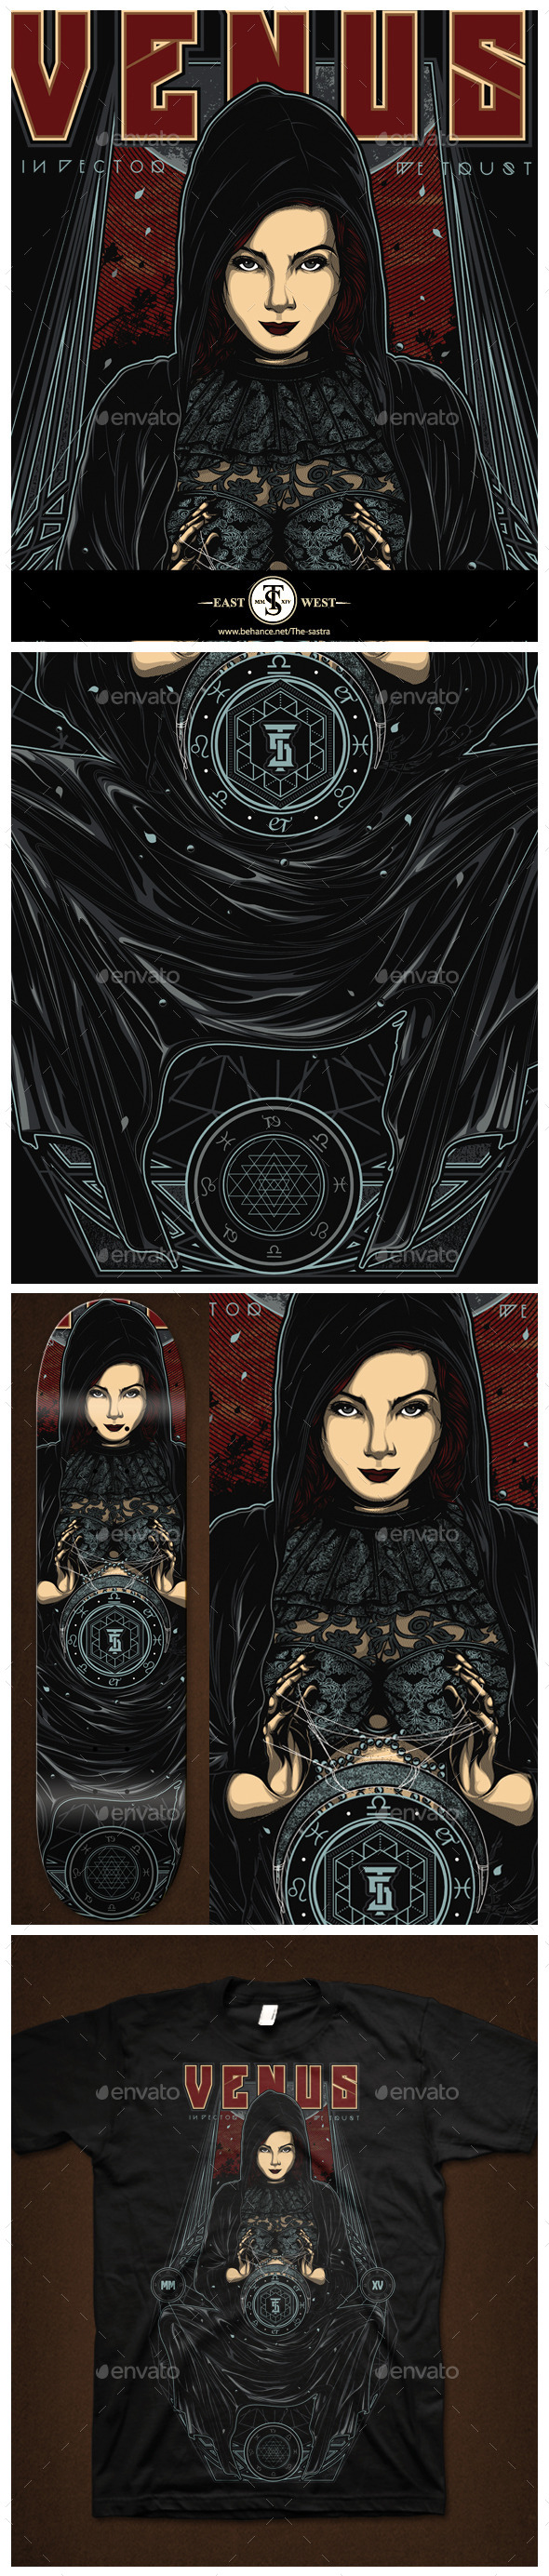 Venus - Grunge Designs